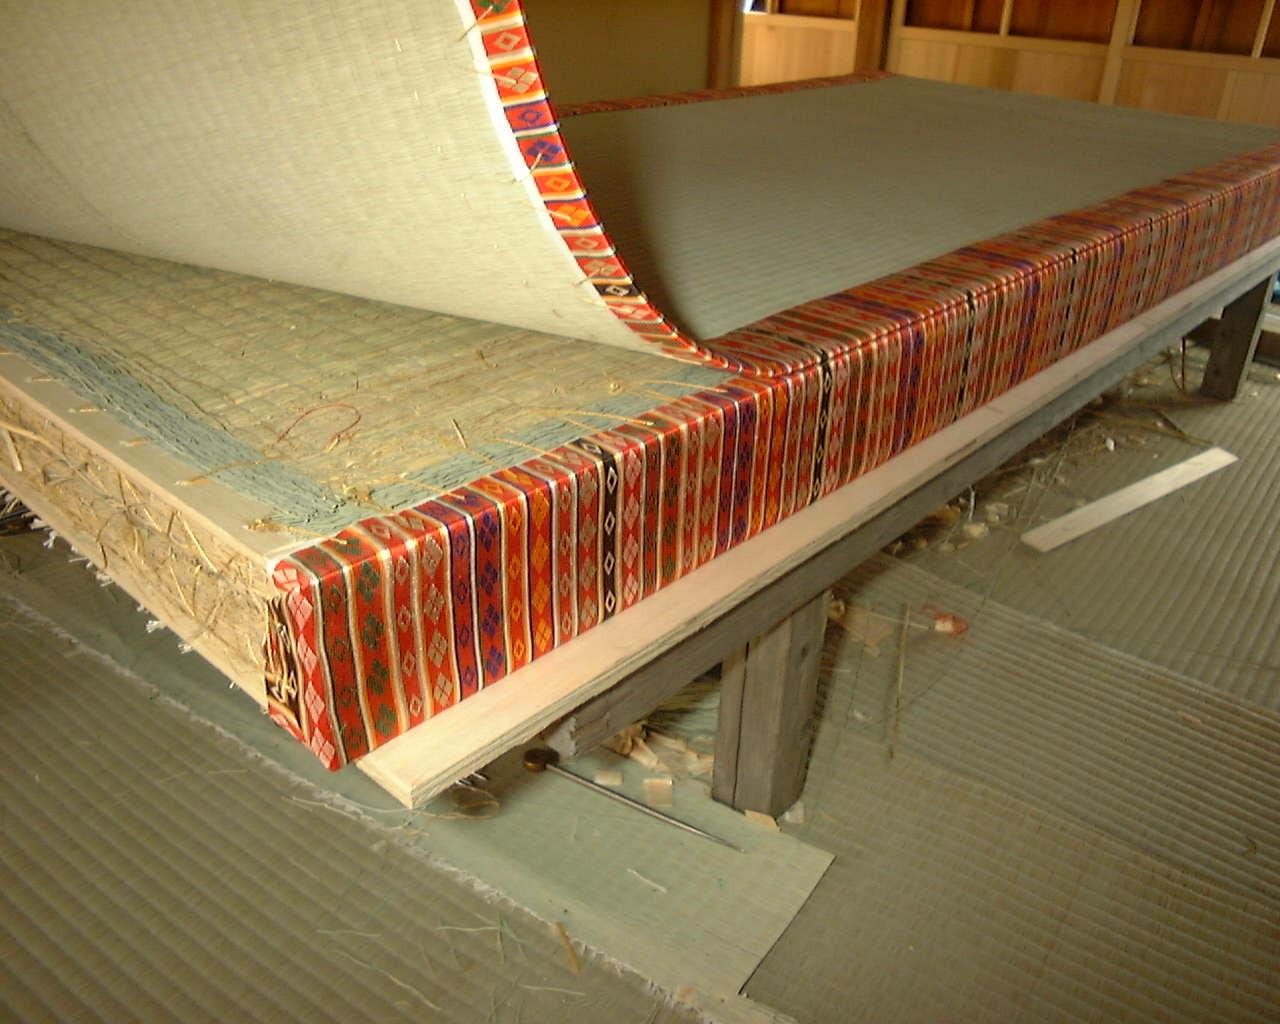 天皇家の御厚畳は二重縁と定められています。